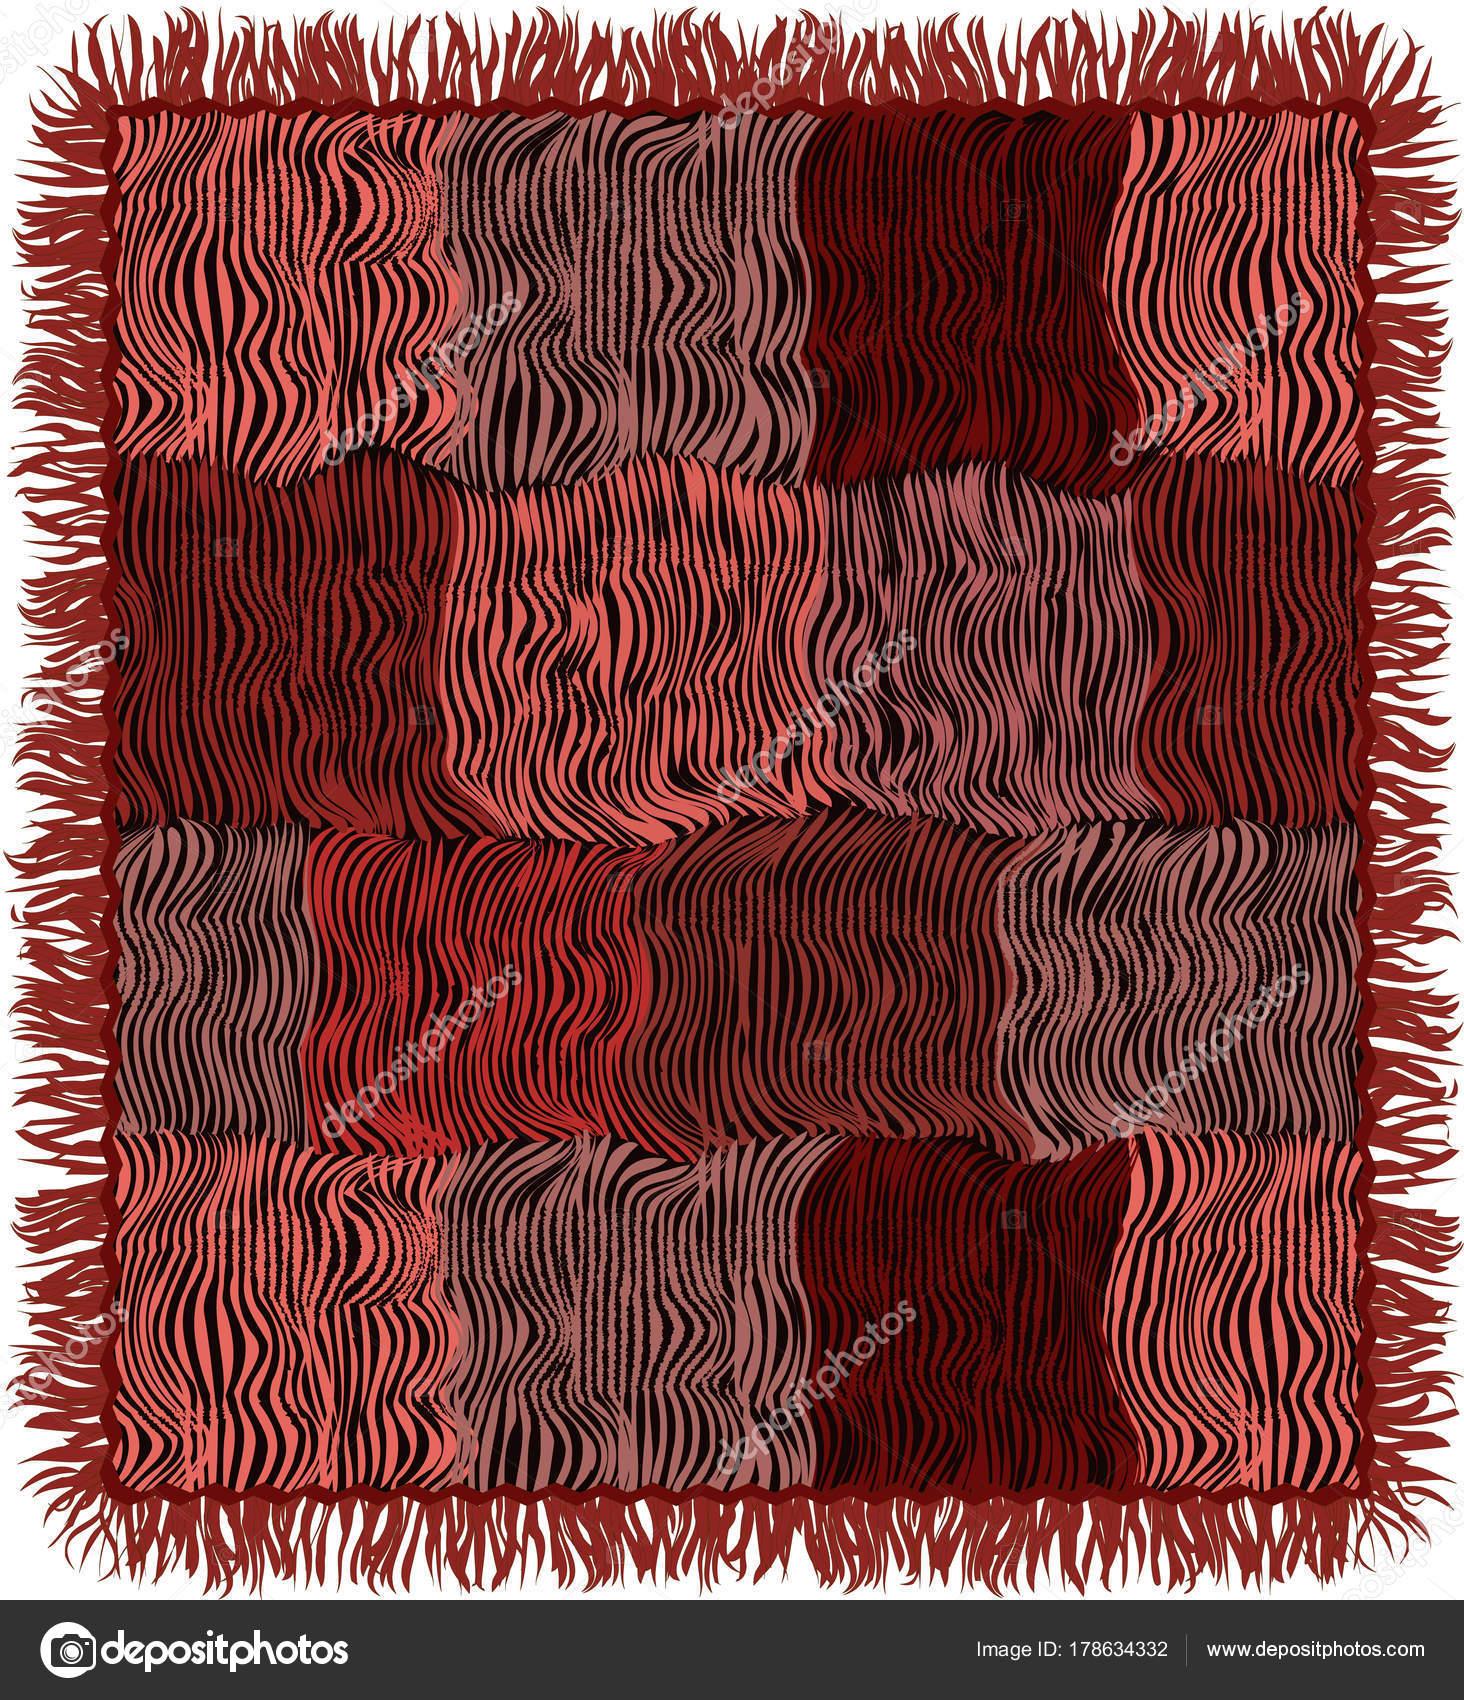 Grunge Gesteppte Teppich Mit Fransen In Braun Rosa Violett